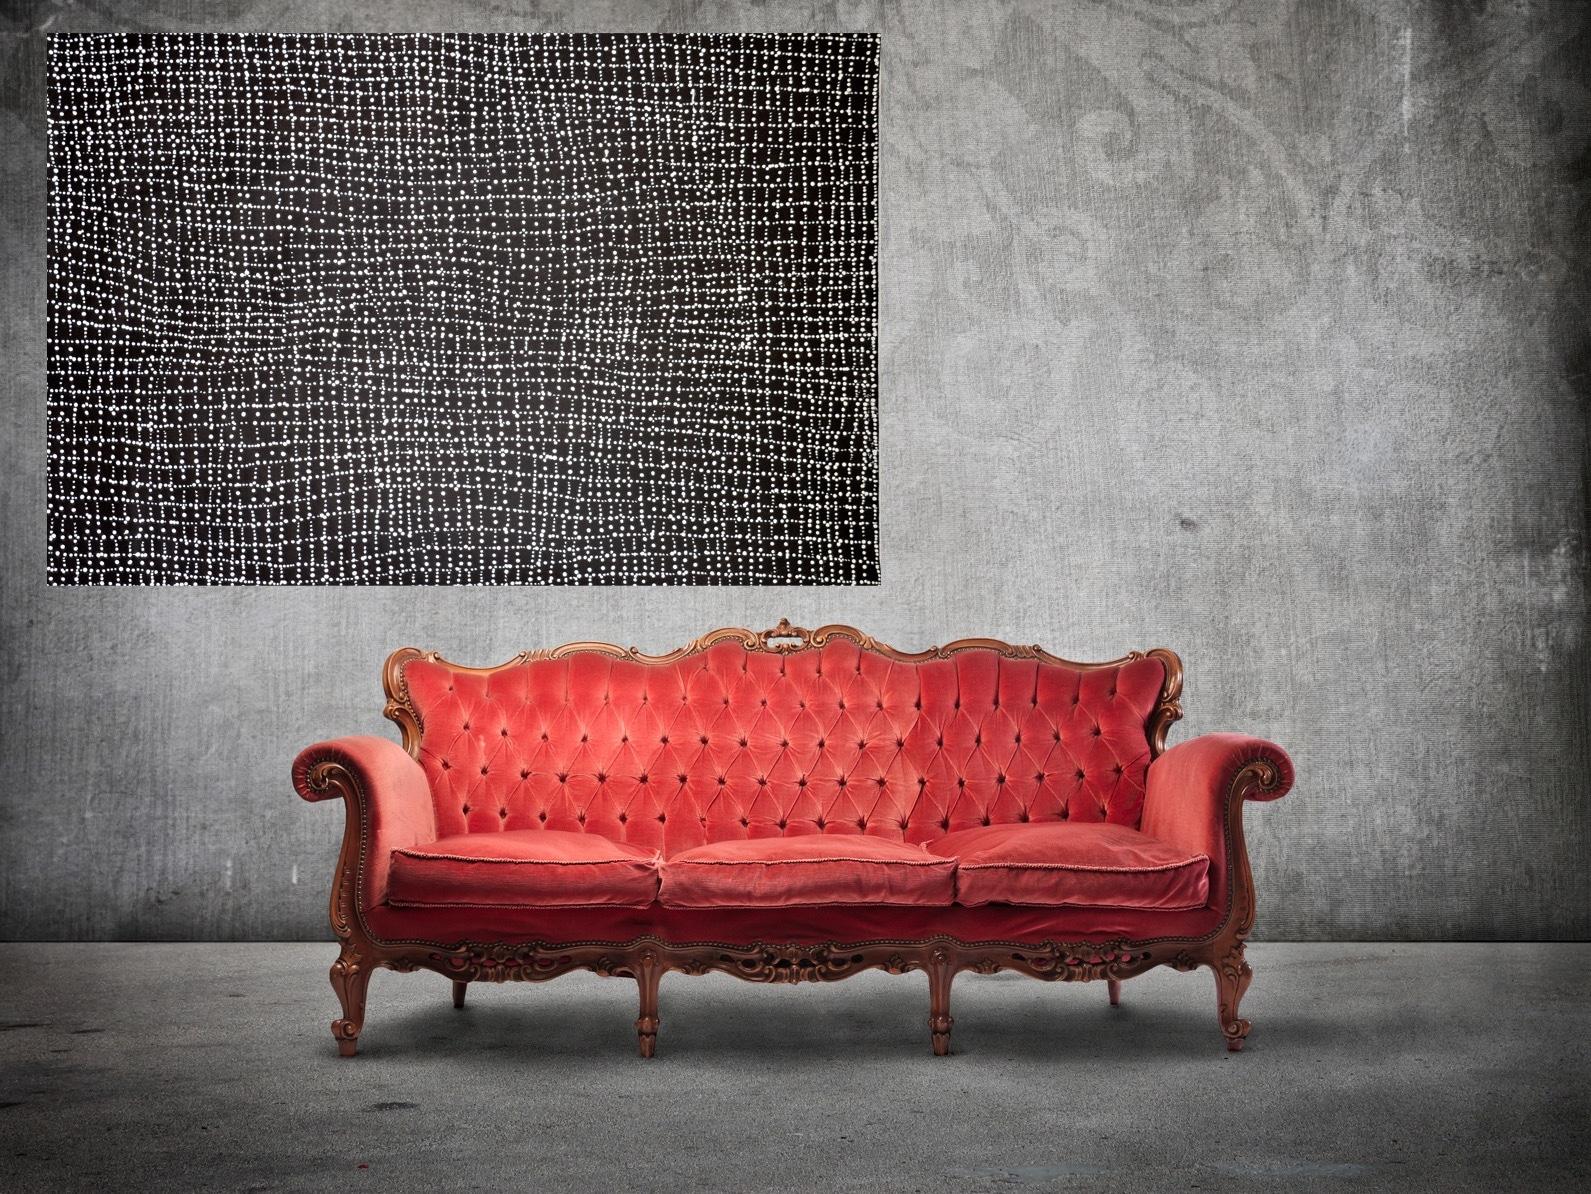 Intérieur avec une toile de Dorothy Napangardi